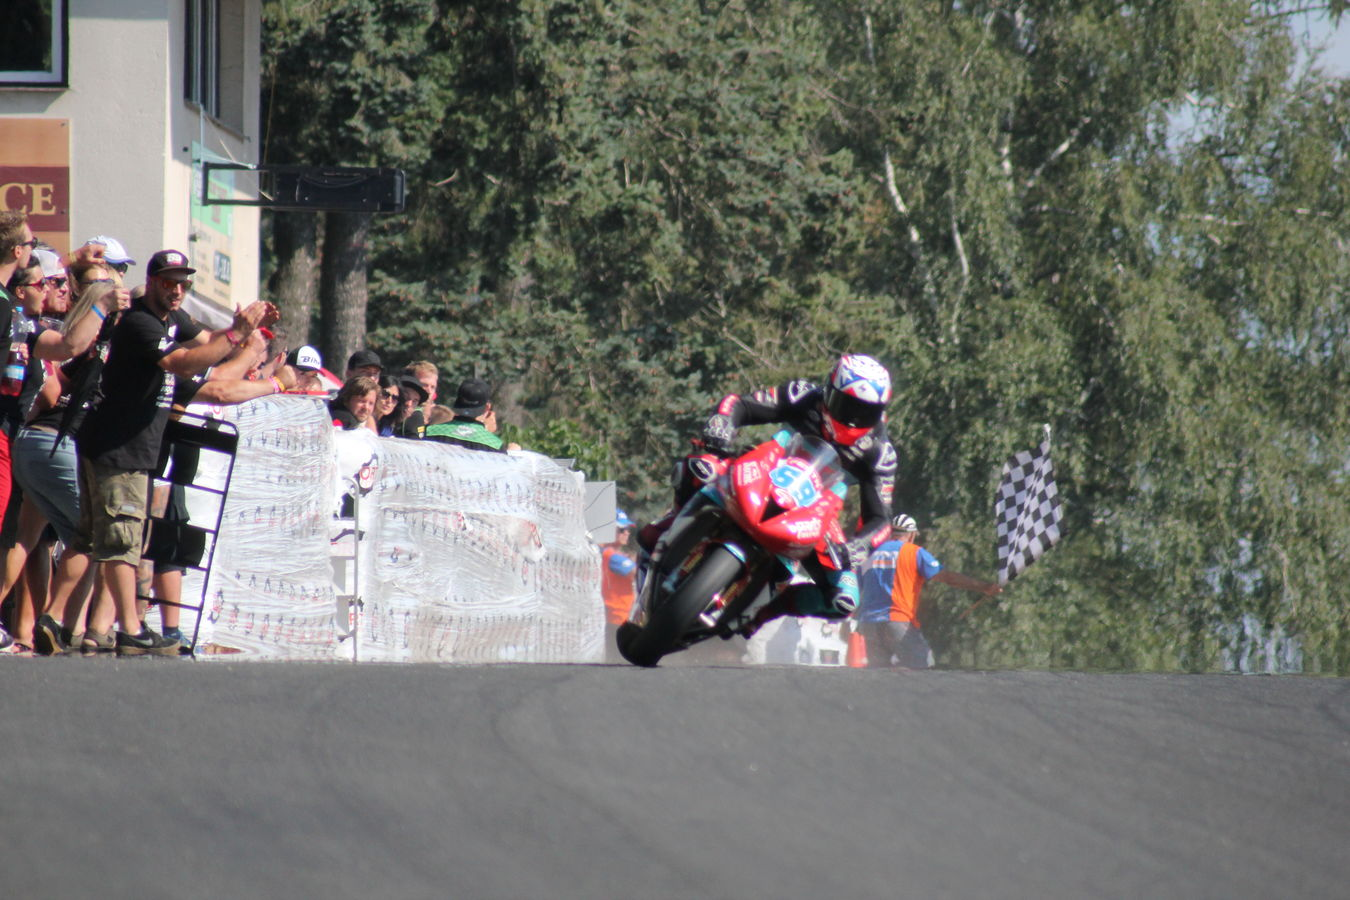 Sladké vítězství v Hořických závodech